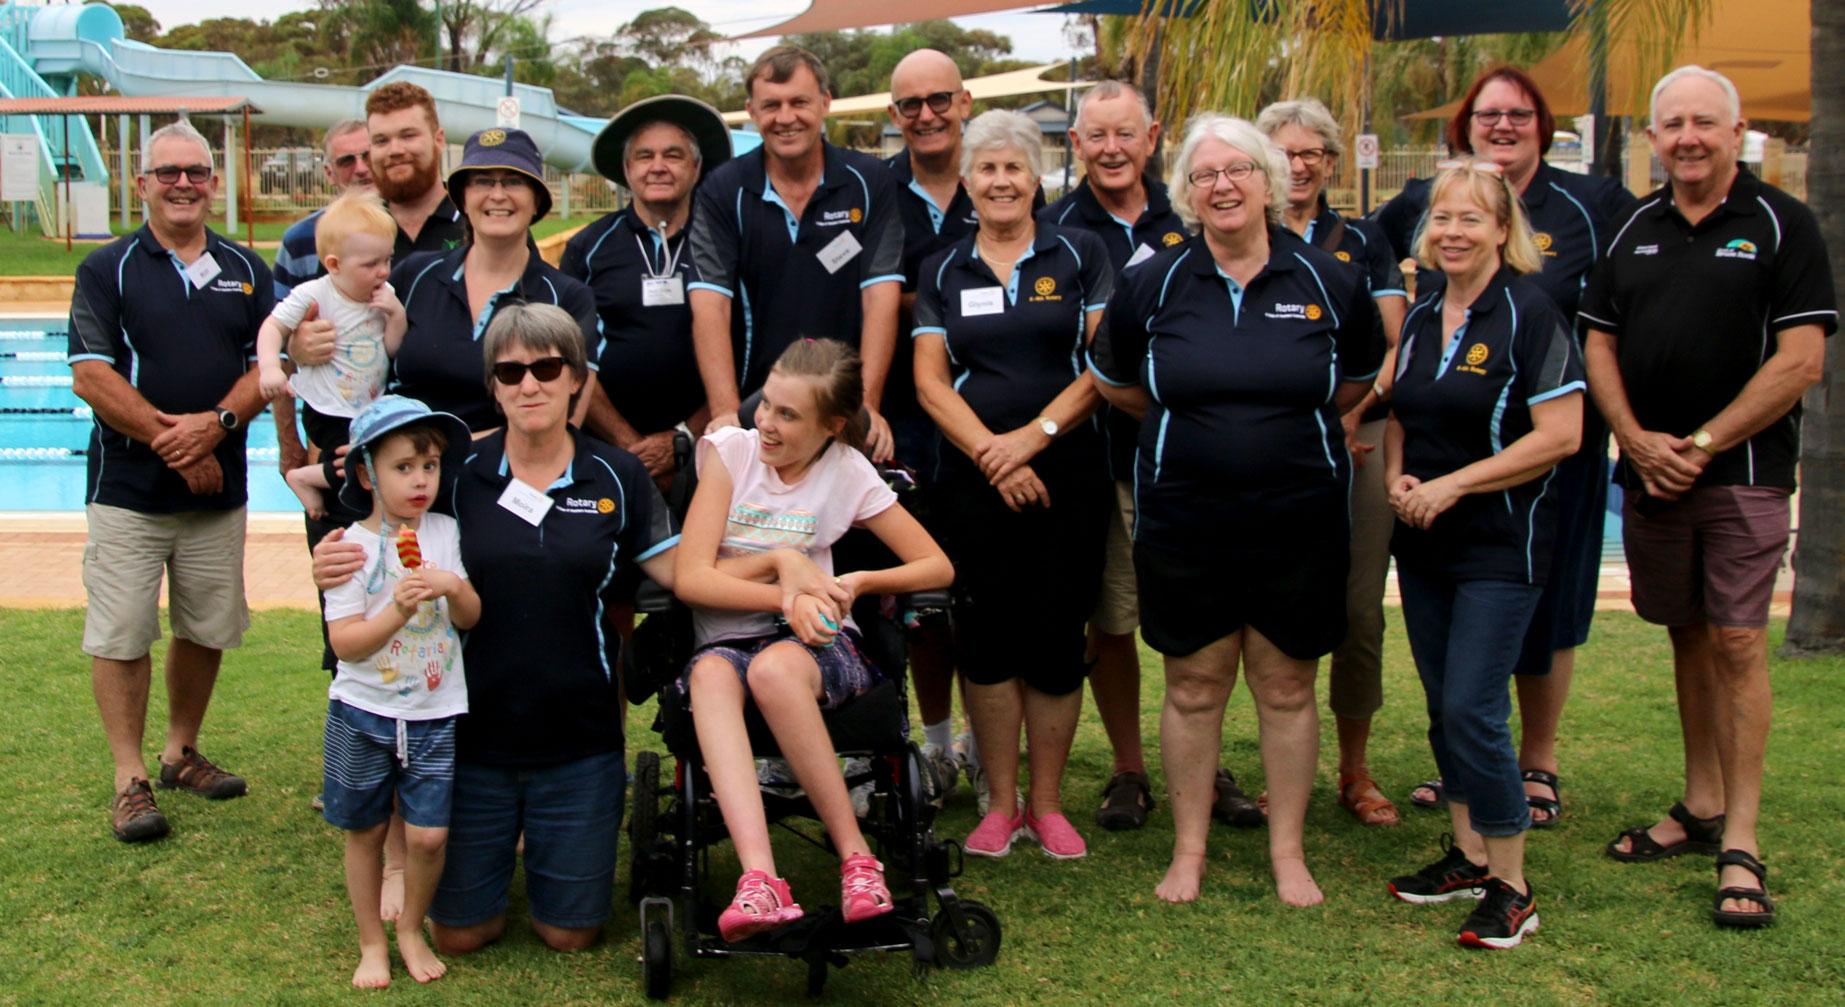 Our Rotary E-WA Team